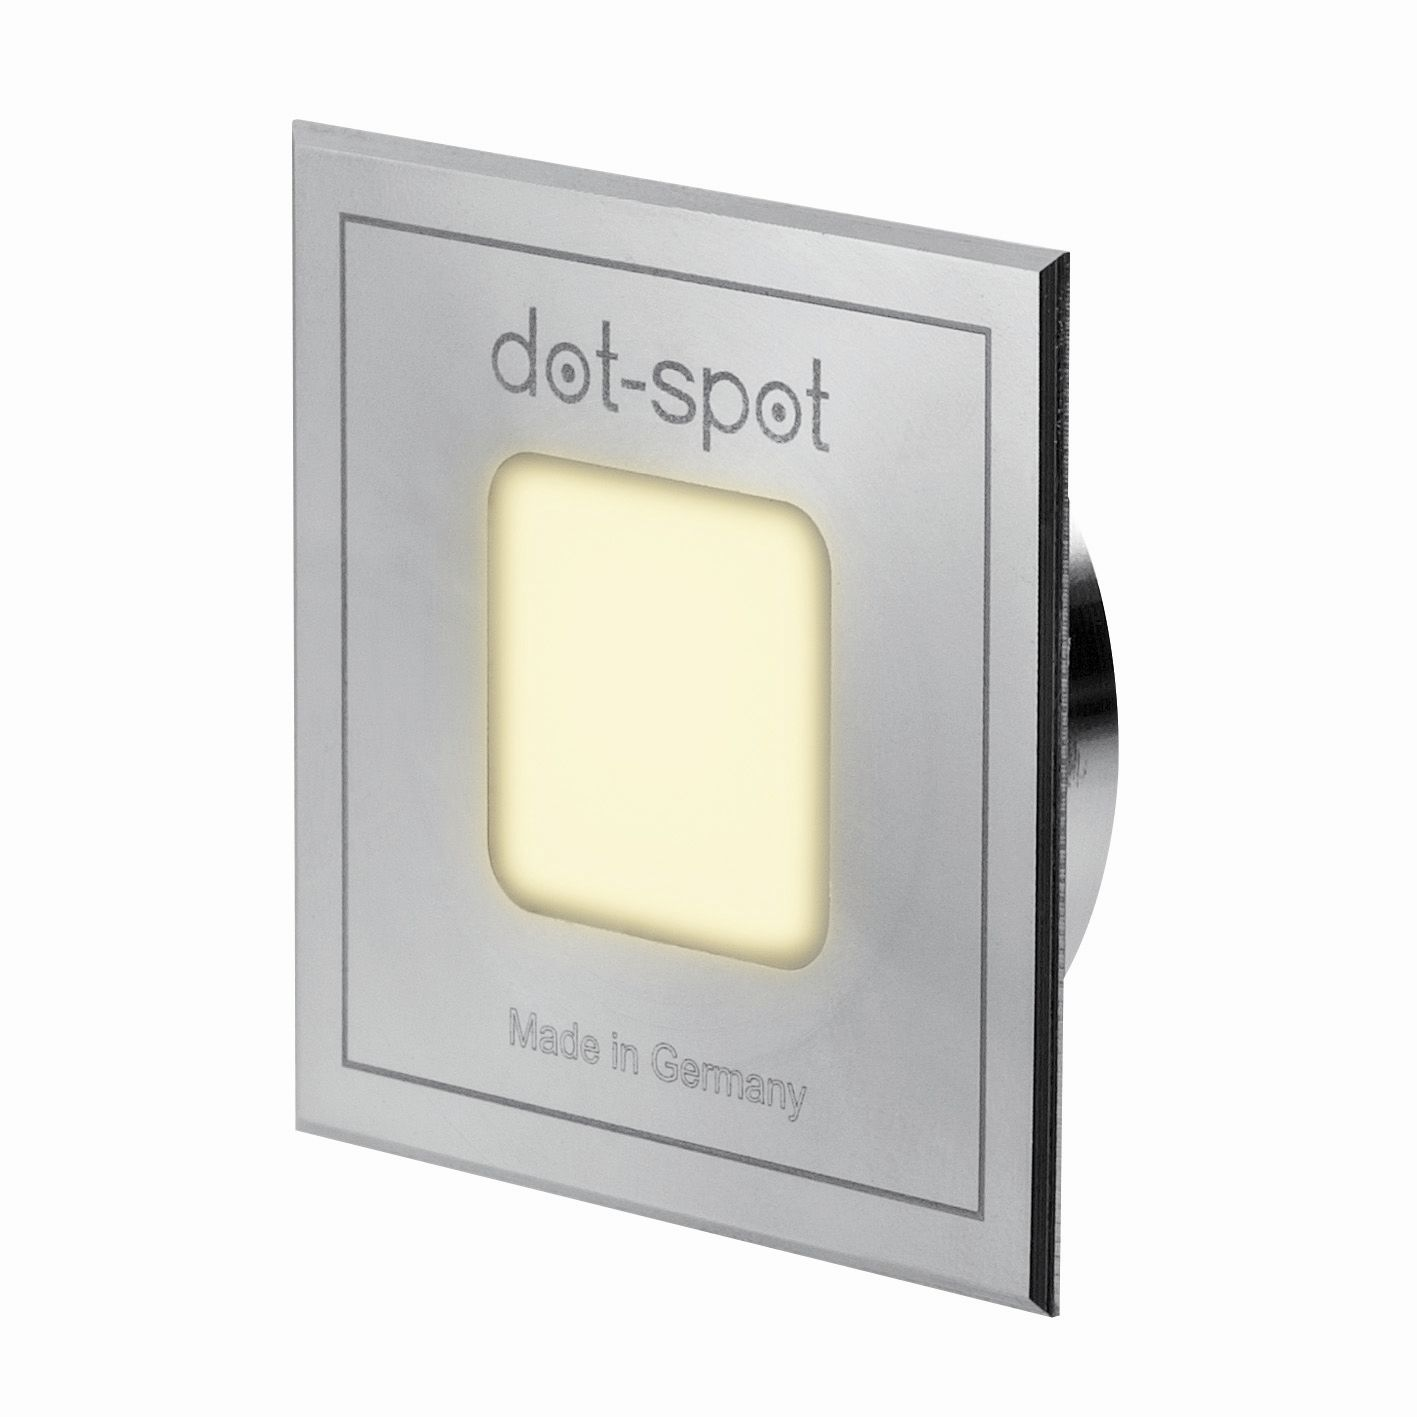 quad-dot 45 LED Akzentlicht von dot-spot